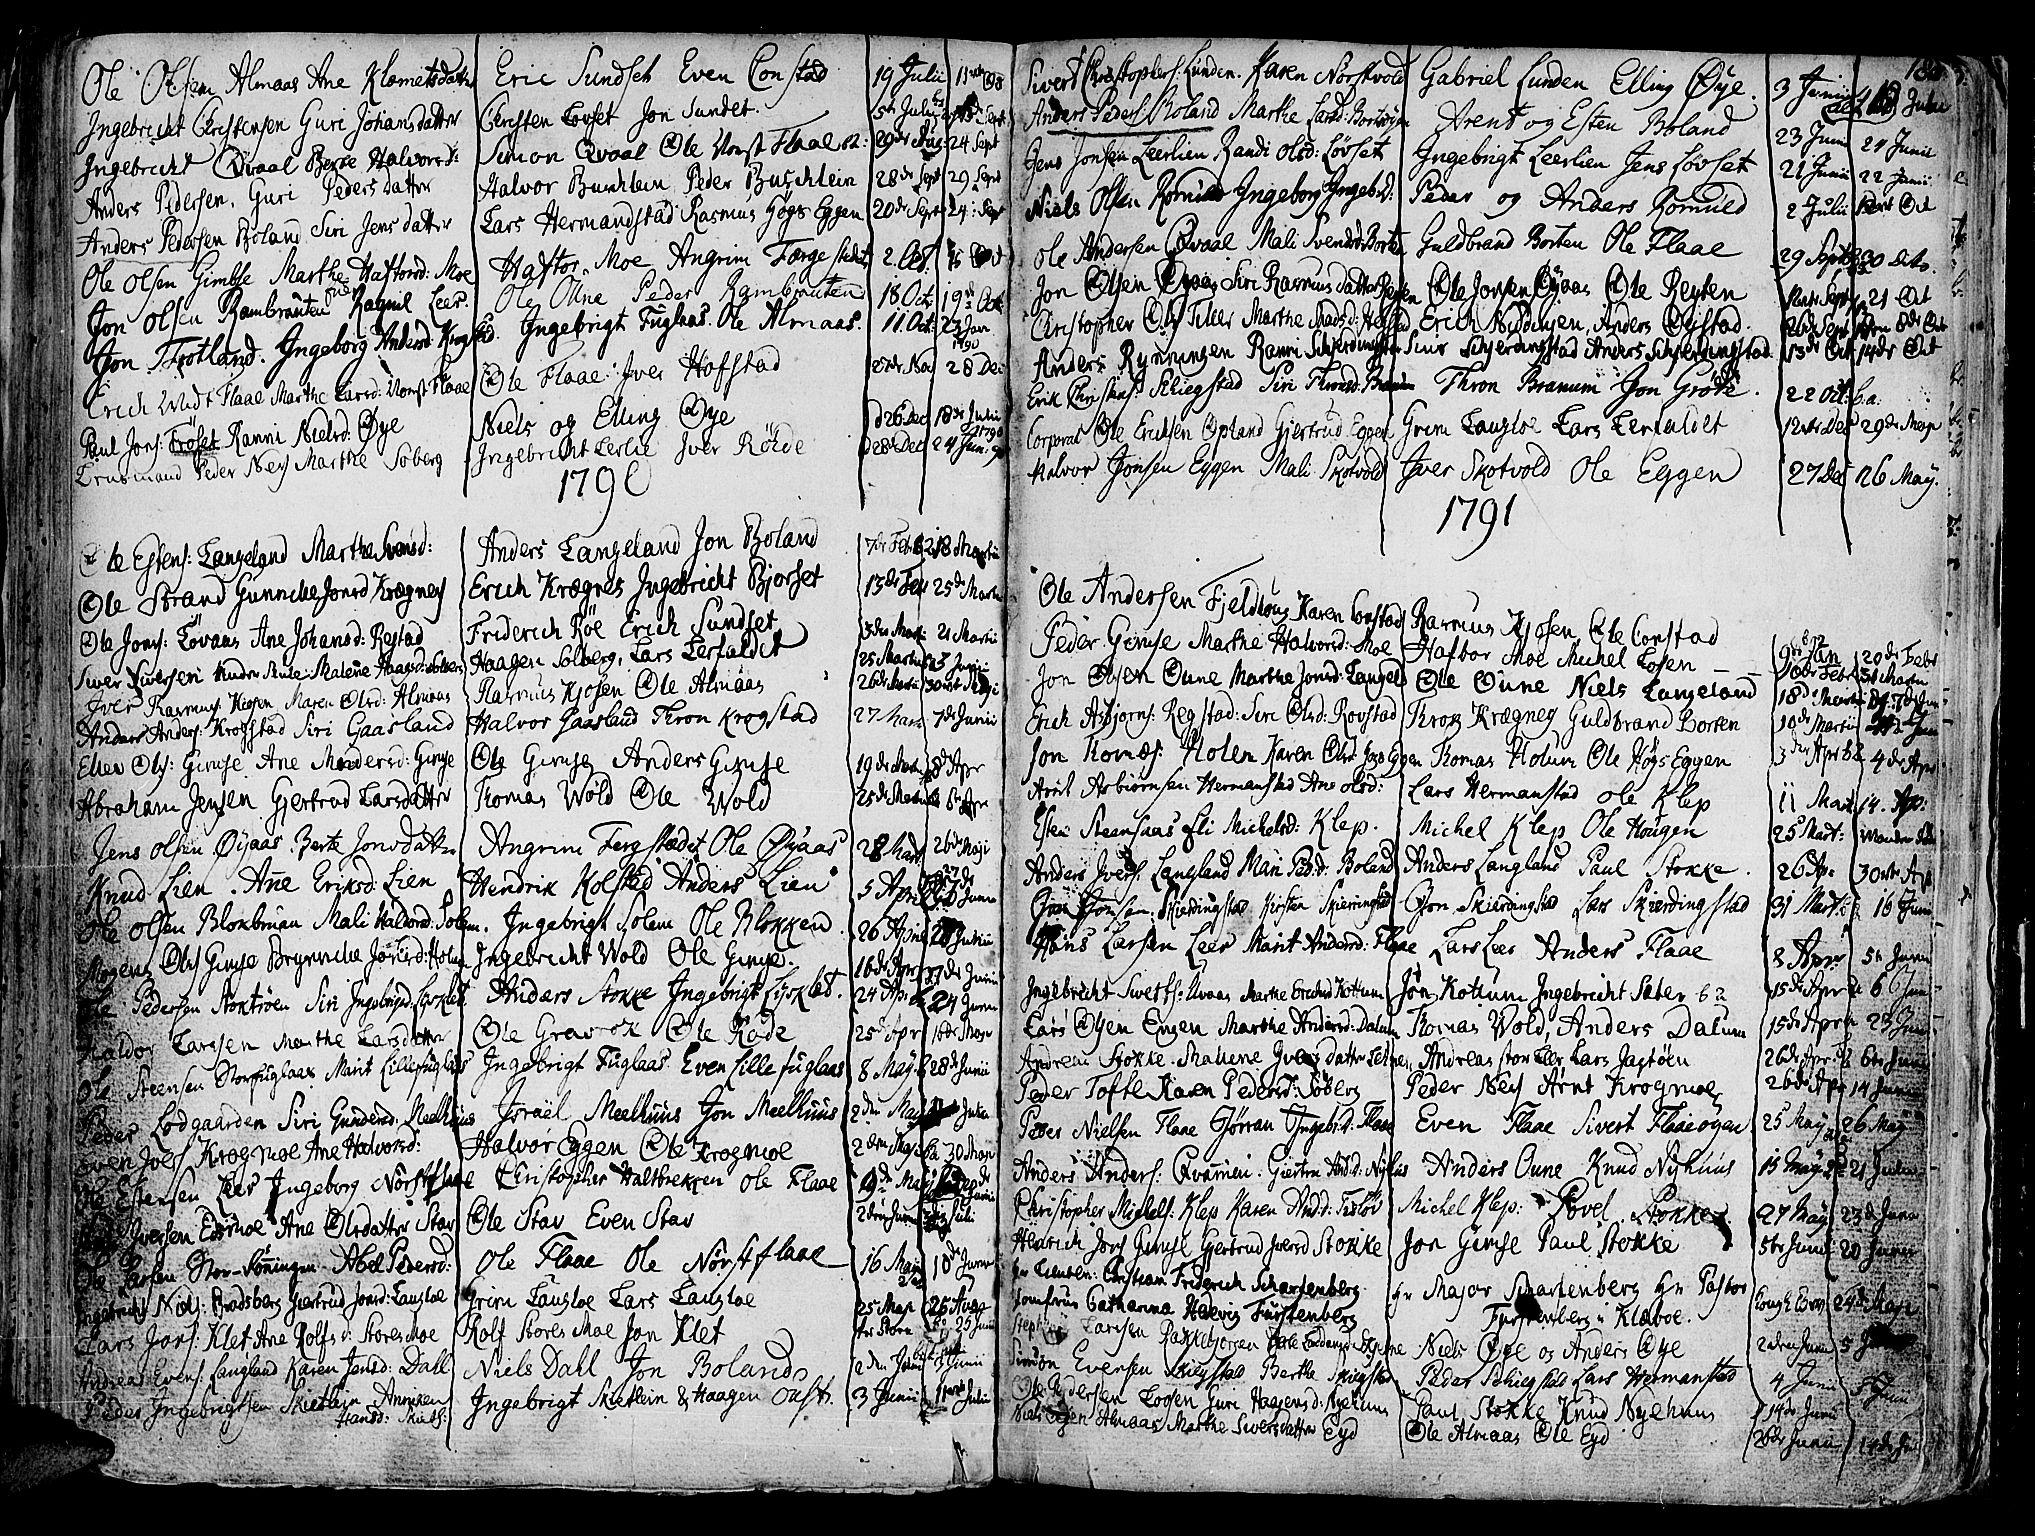 SAT, Ministerialprotokoller, klokkerbøker og fødselsregistre - Sør-Trøndelag, 691/L1061: Ministerialbok nr. 691A02 /1, 1768-1815, s. 188